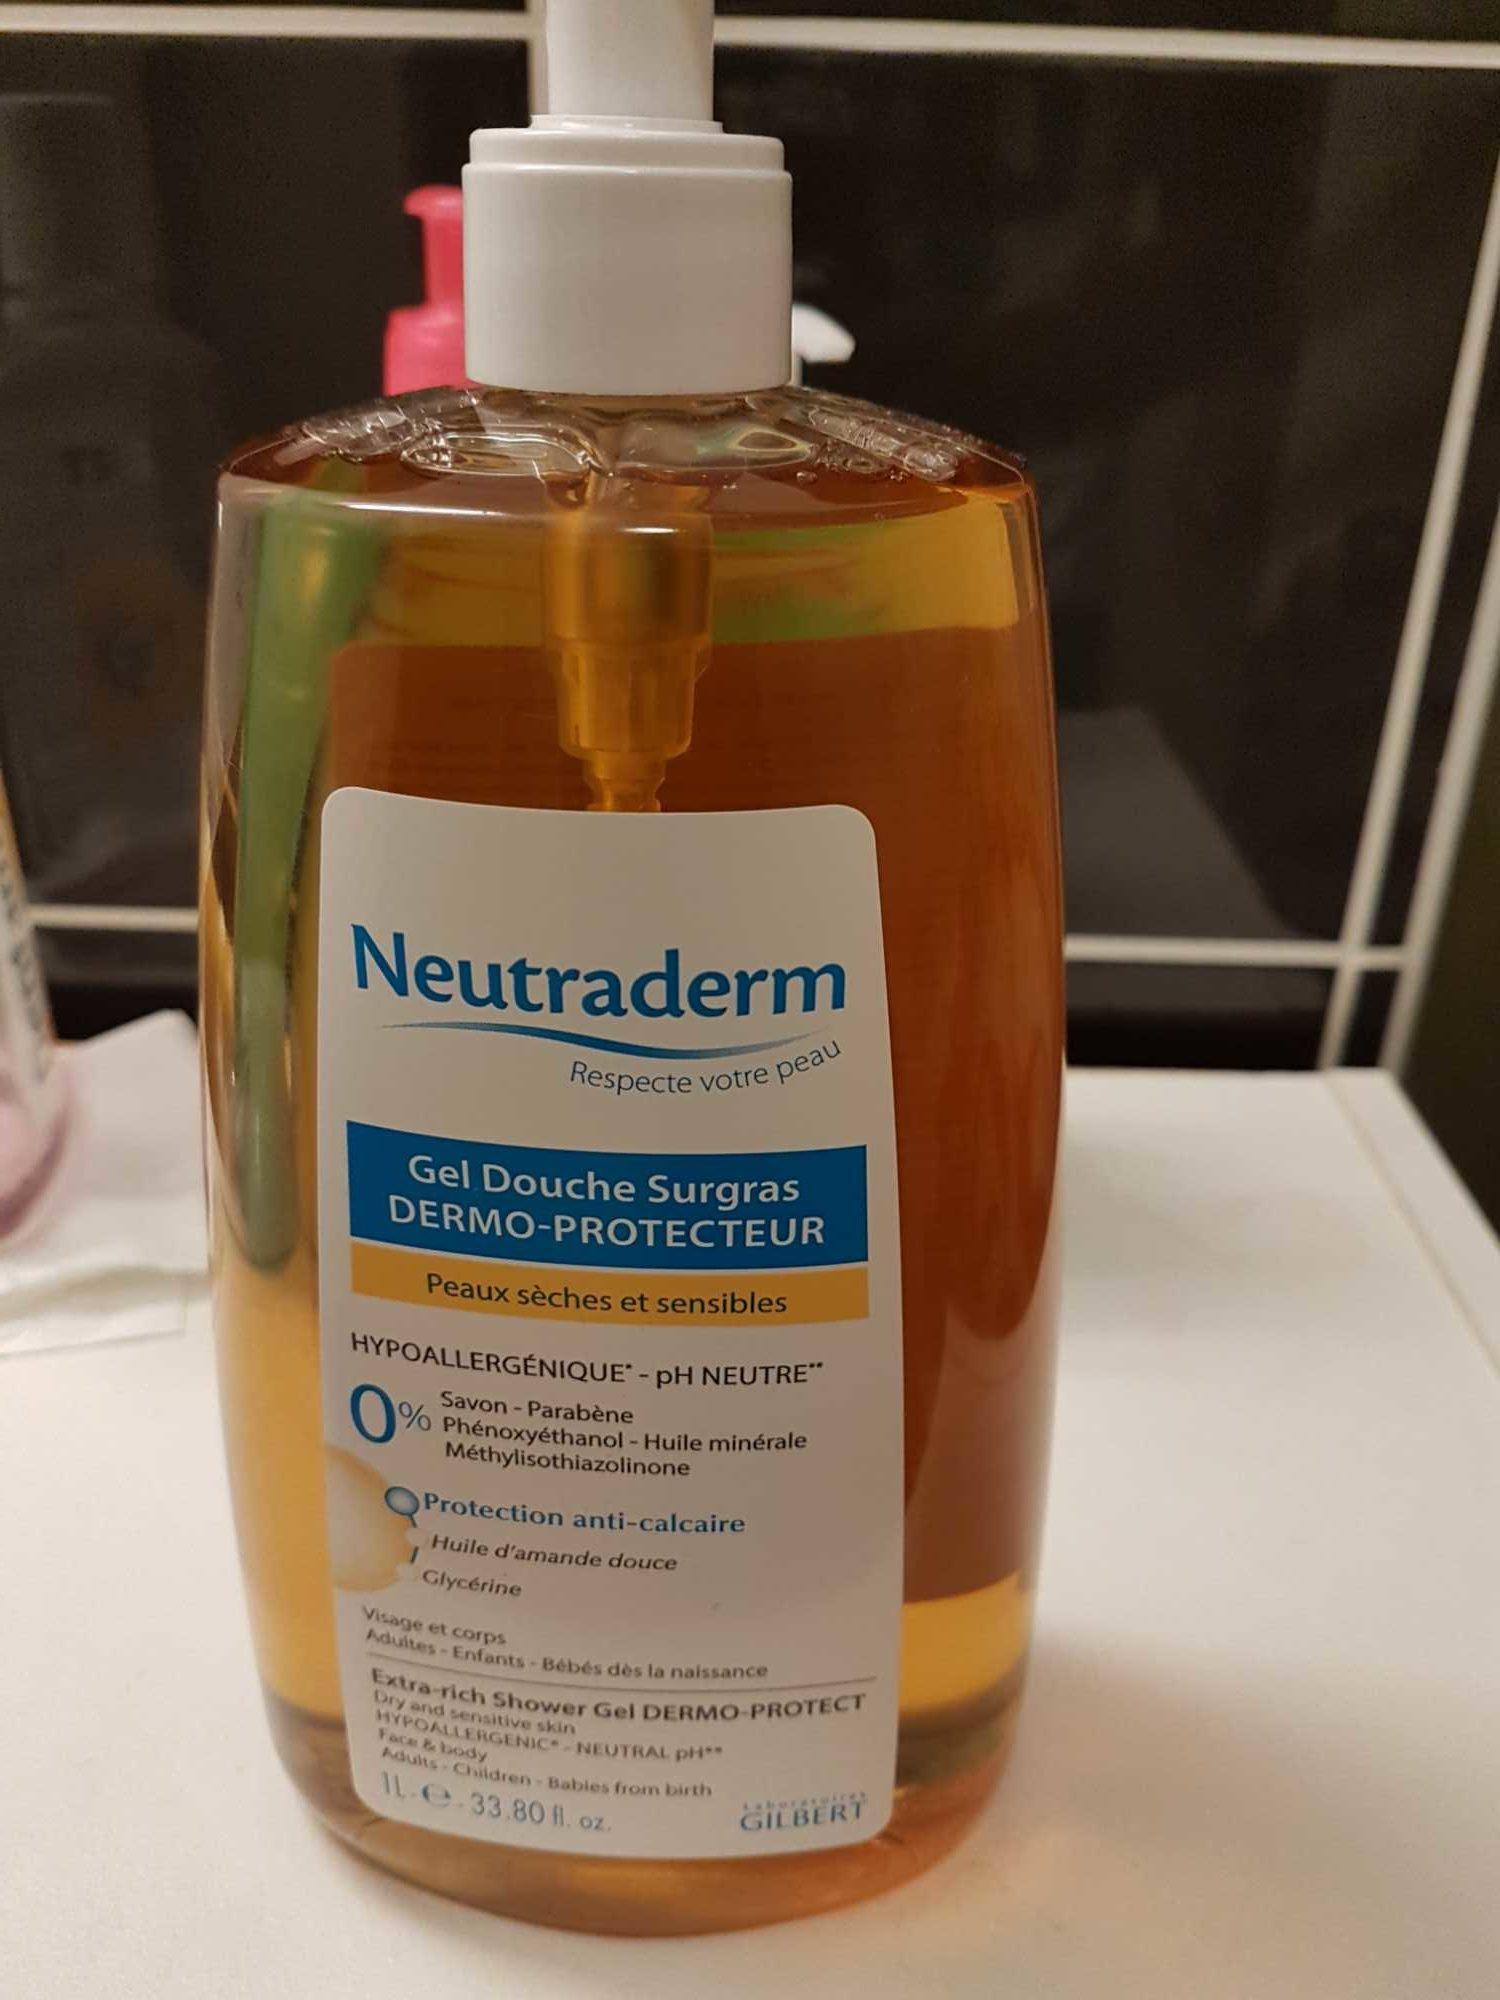 Gel douche surgras dermo-protecteur - Produit - fr